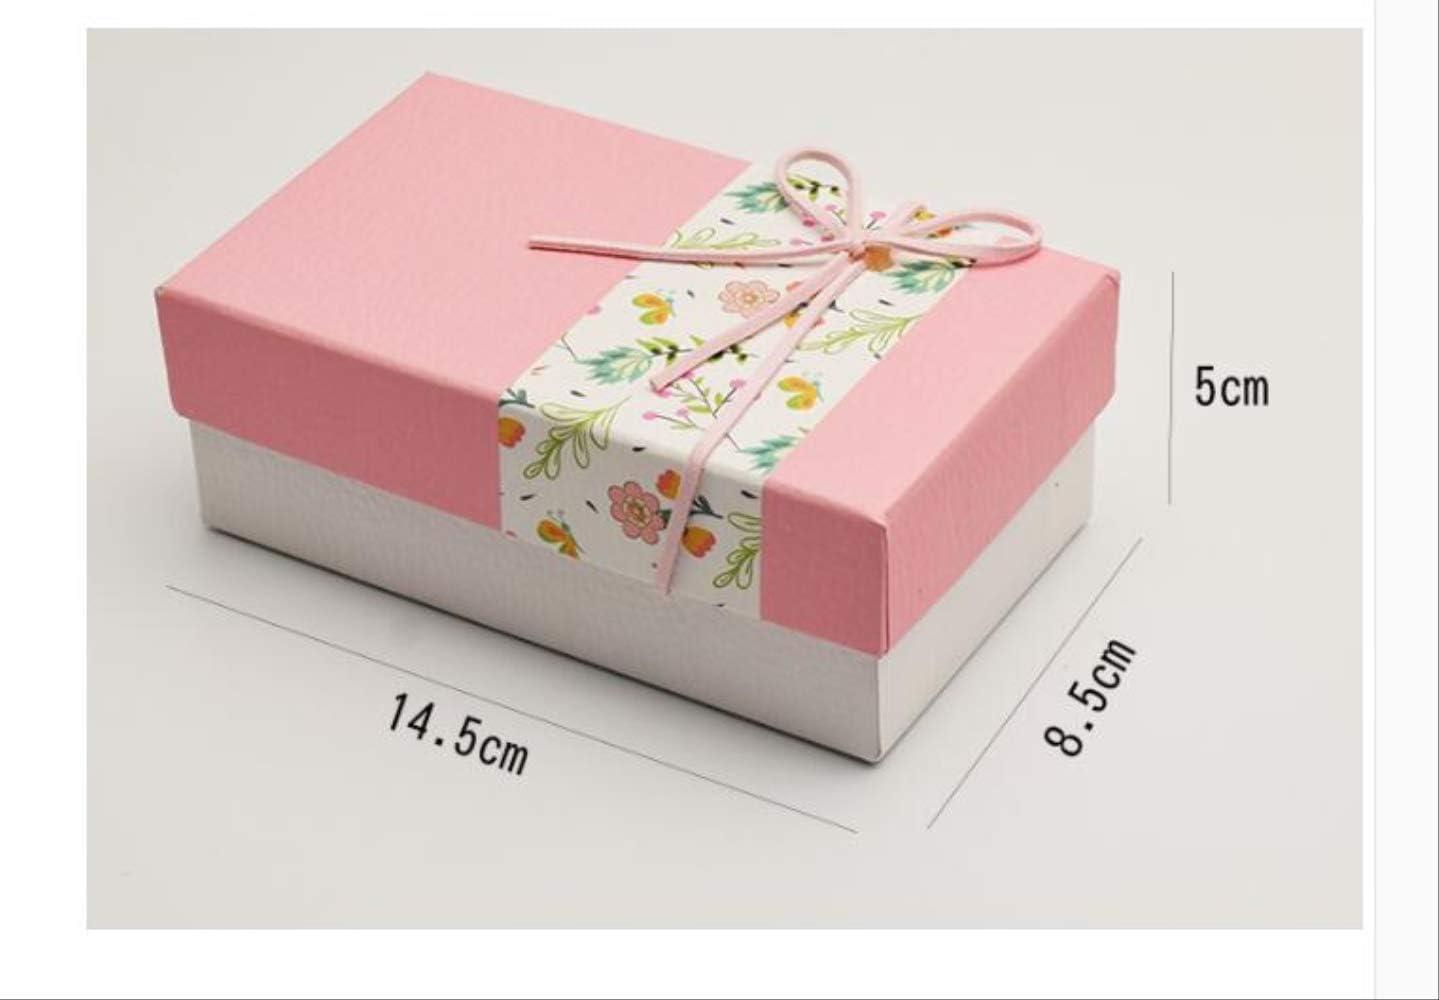 Caja de regalo Cumpleaños rectangular Embalaje simple Cuadrado Cartón exquisito Moda linda Hermosa y duradera Grueso Gran capacidad Multifunción Rosa: Amazon.es: Alimentación y bebidas